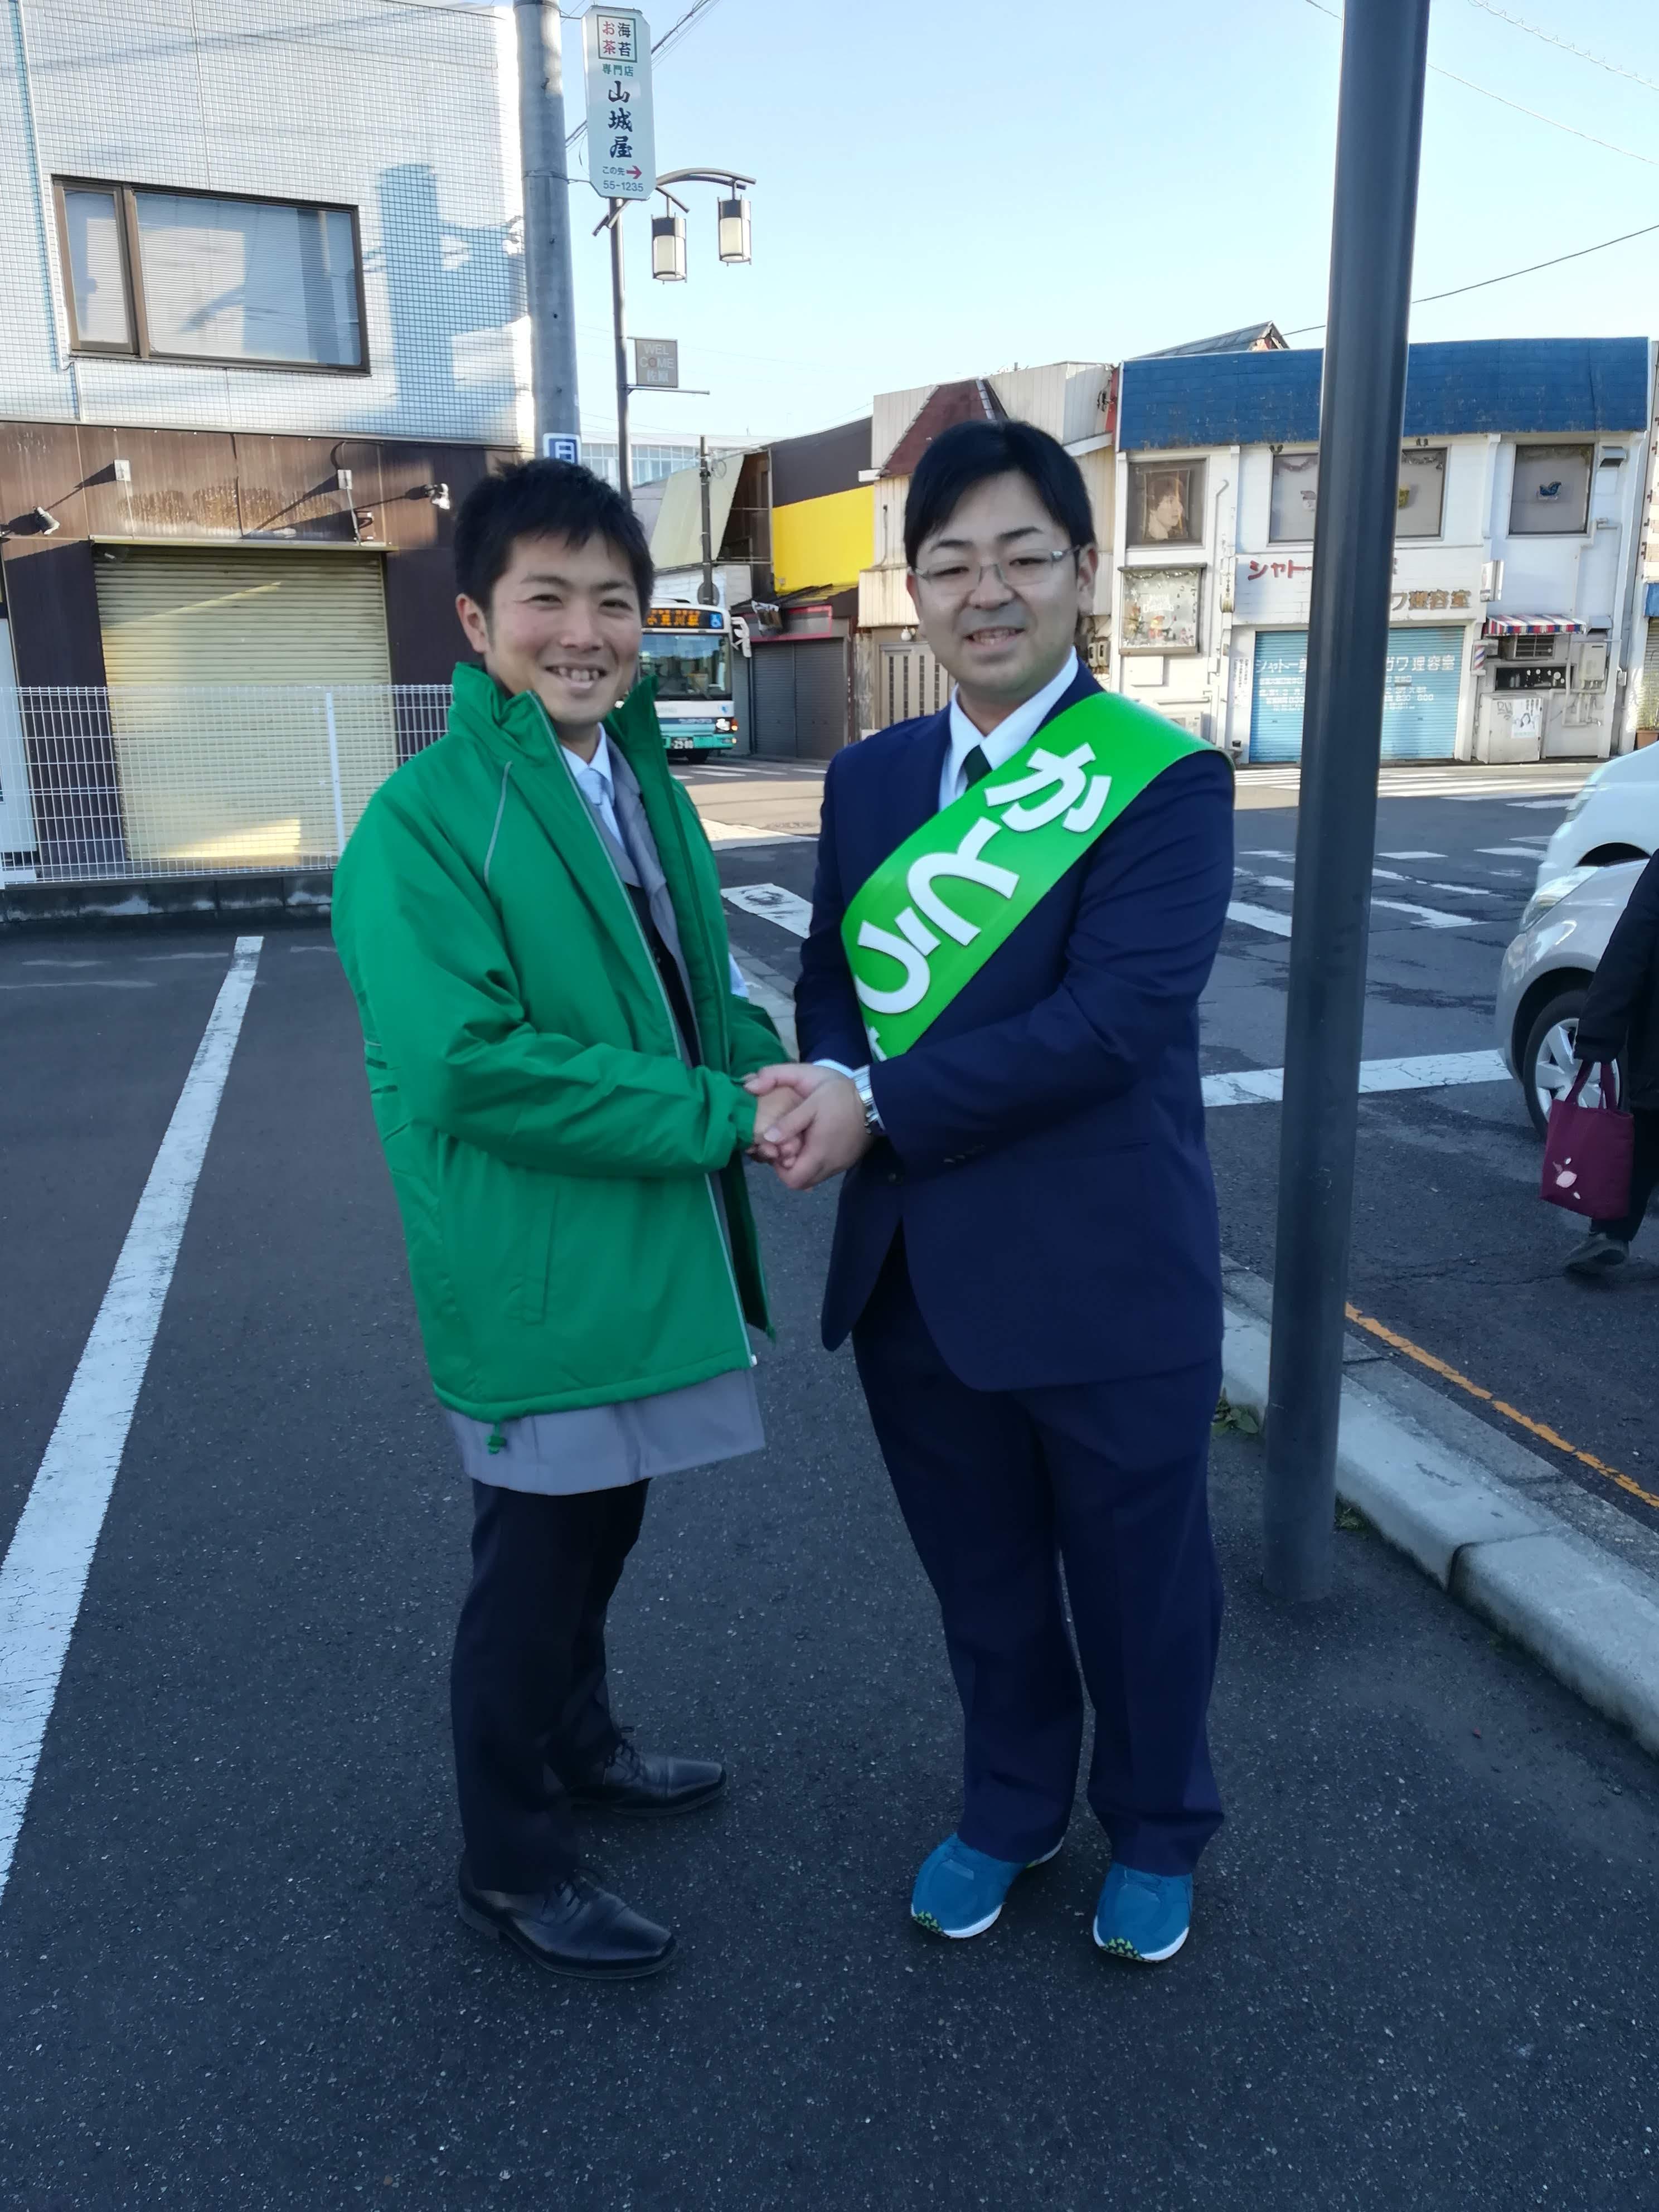 2018年12月13日加藤ゆうすけ横須賀市議